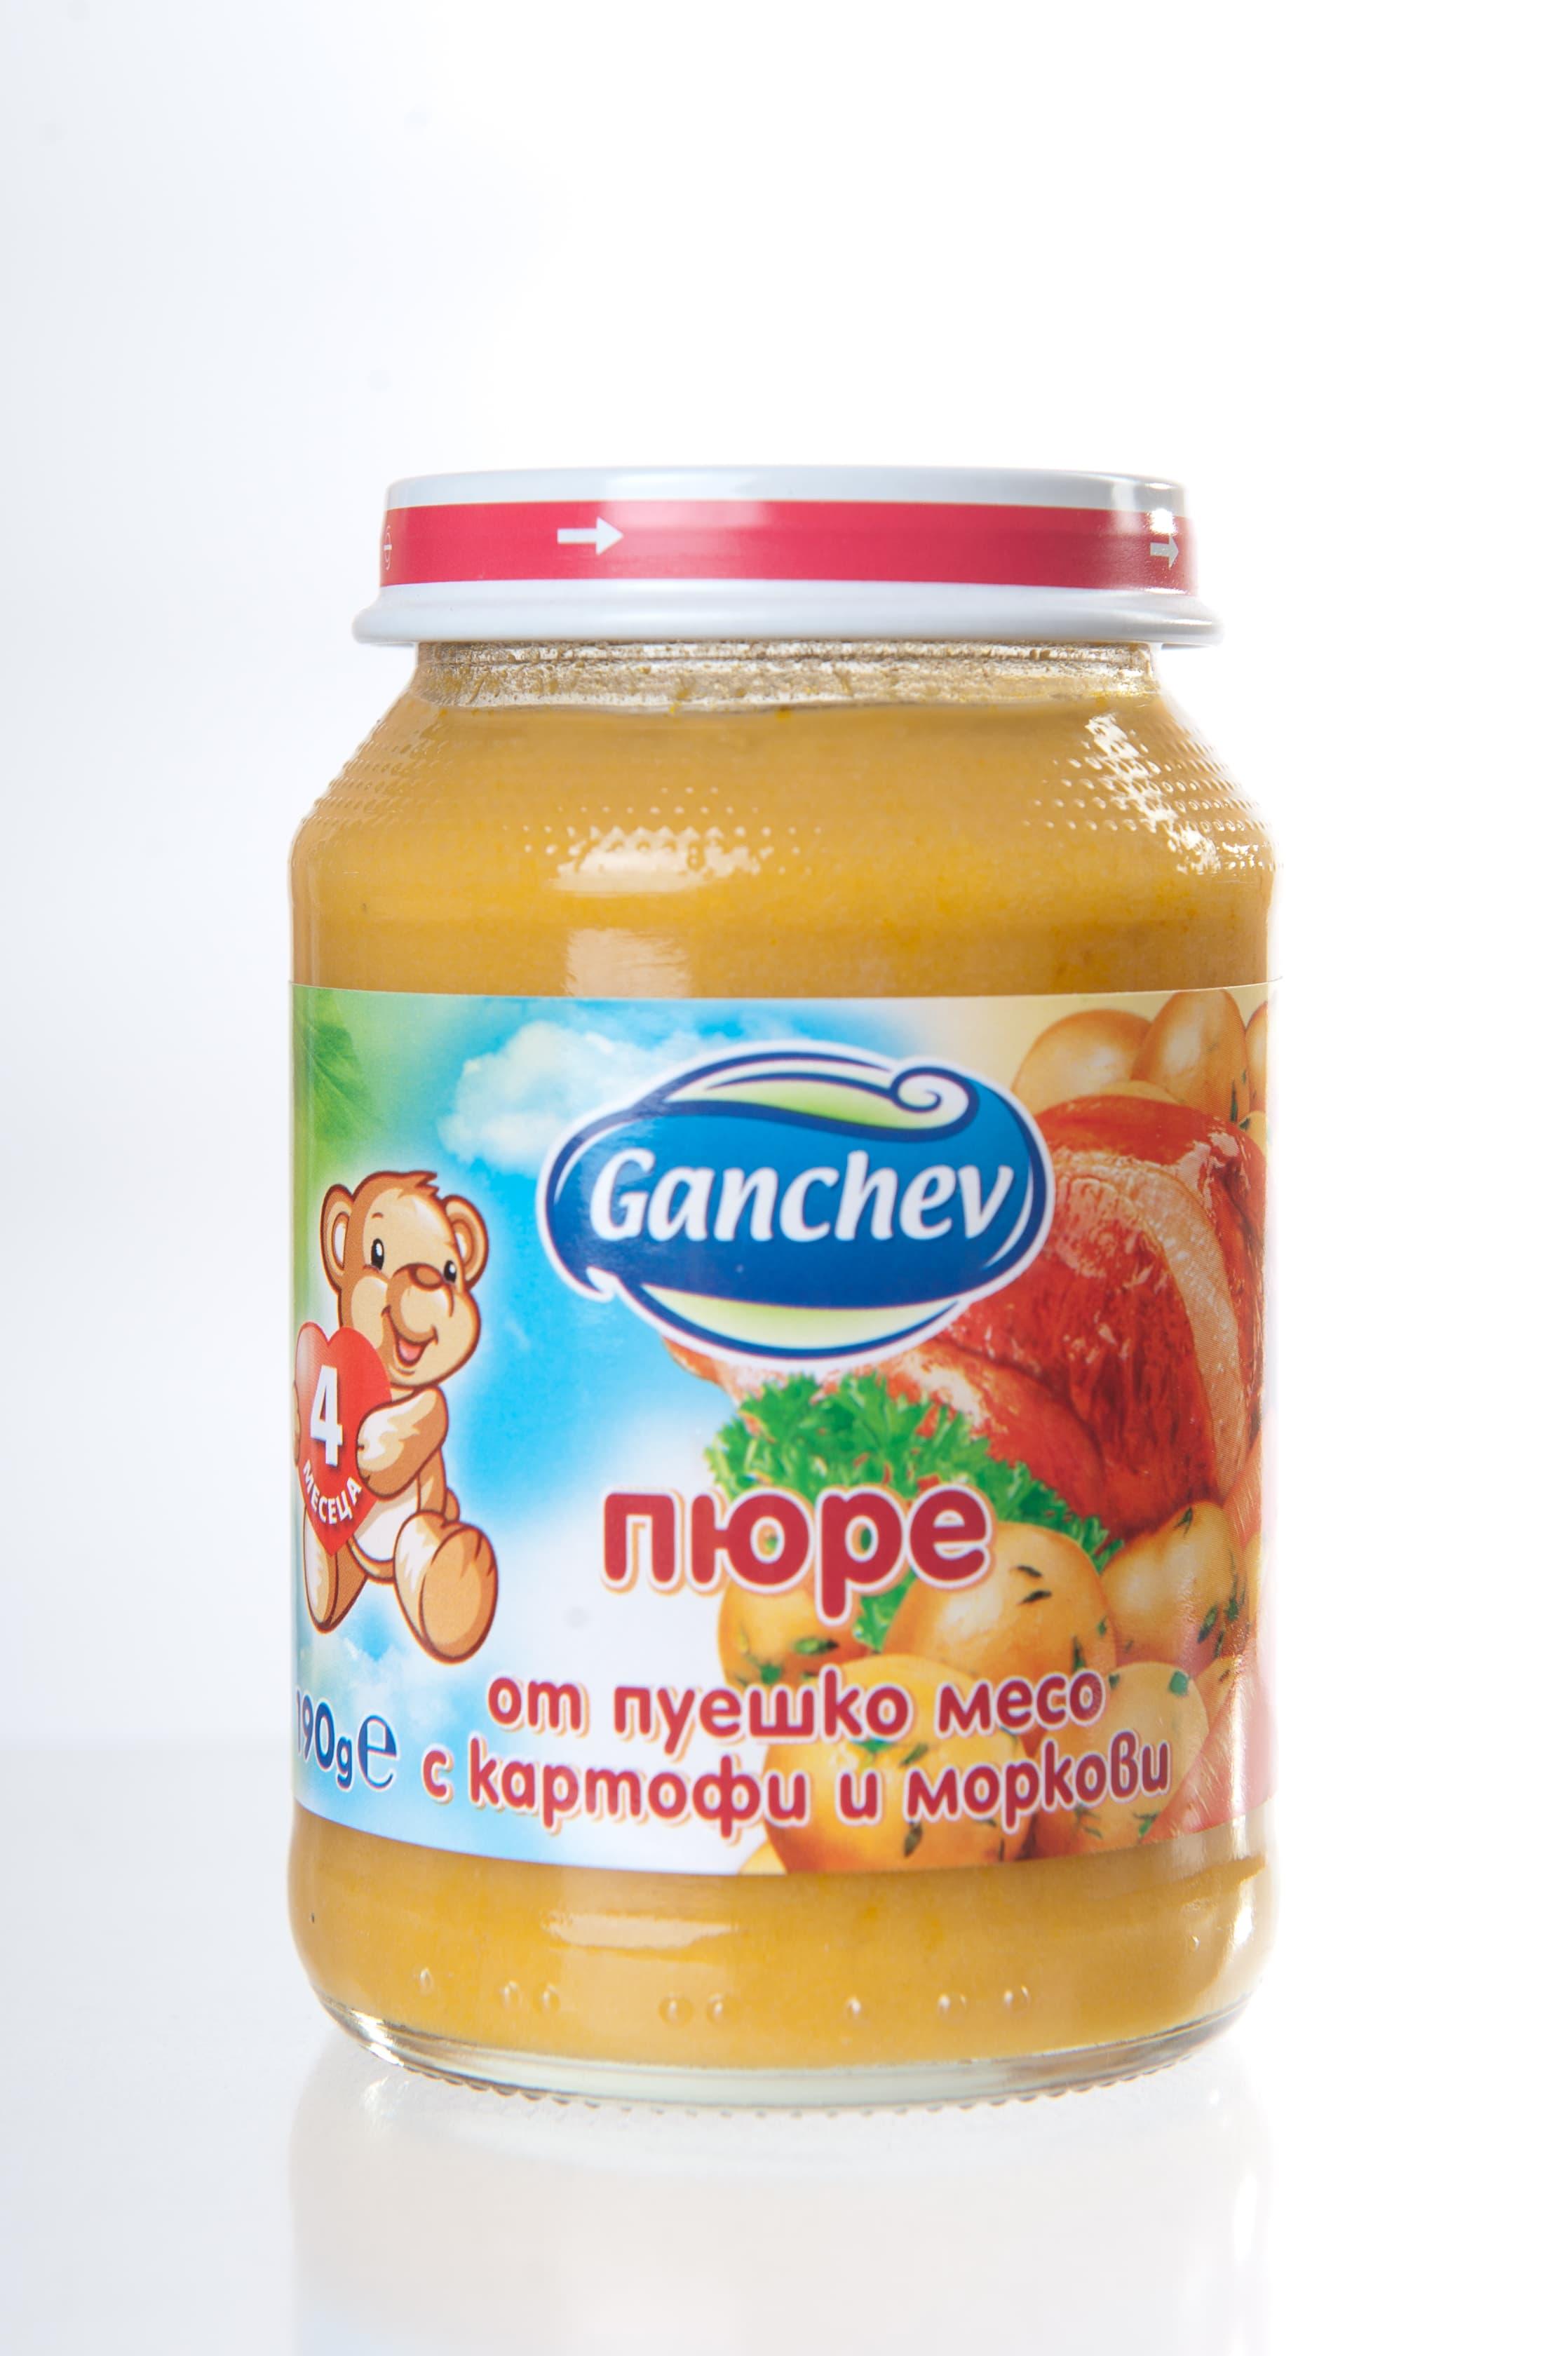 Ganchev-пюре от пуешко месо с картофи и моркови 4м+ 190гр